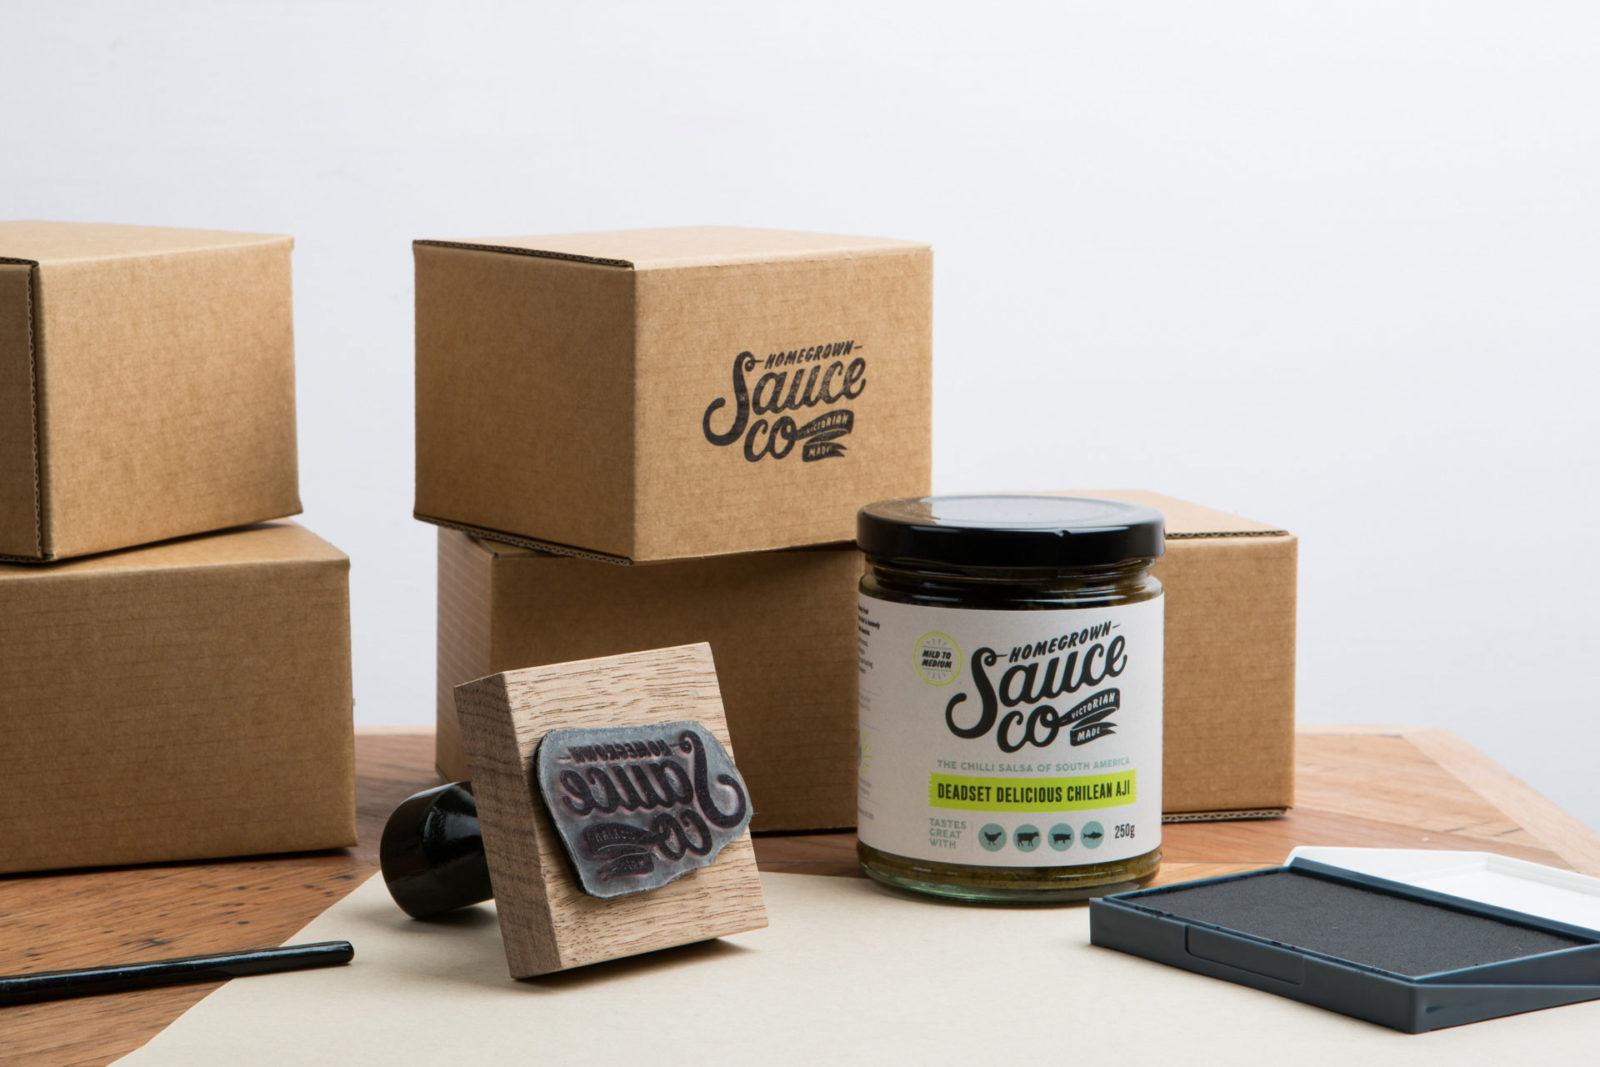 egyedi dobozt, millerpack csomagolóanyag blog, egyedi mintával nyomtatott doboz, kartondoboz, papírdoboz, csomagolás, csomagolóanyag, nyomtatott doboz, kartondoboz webshop